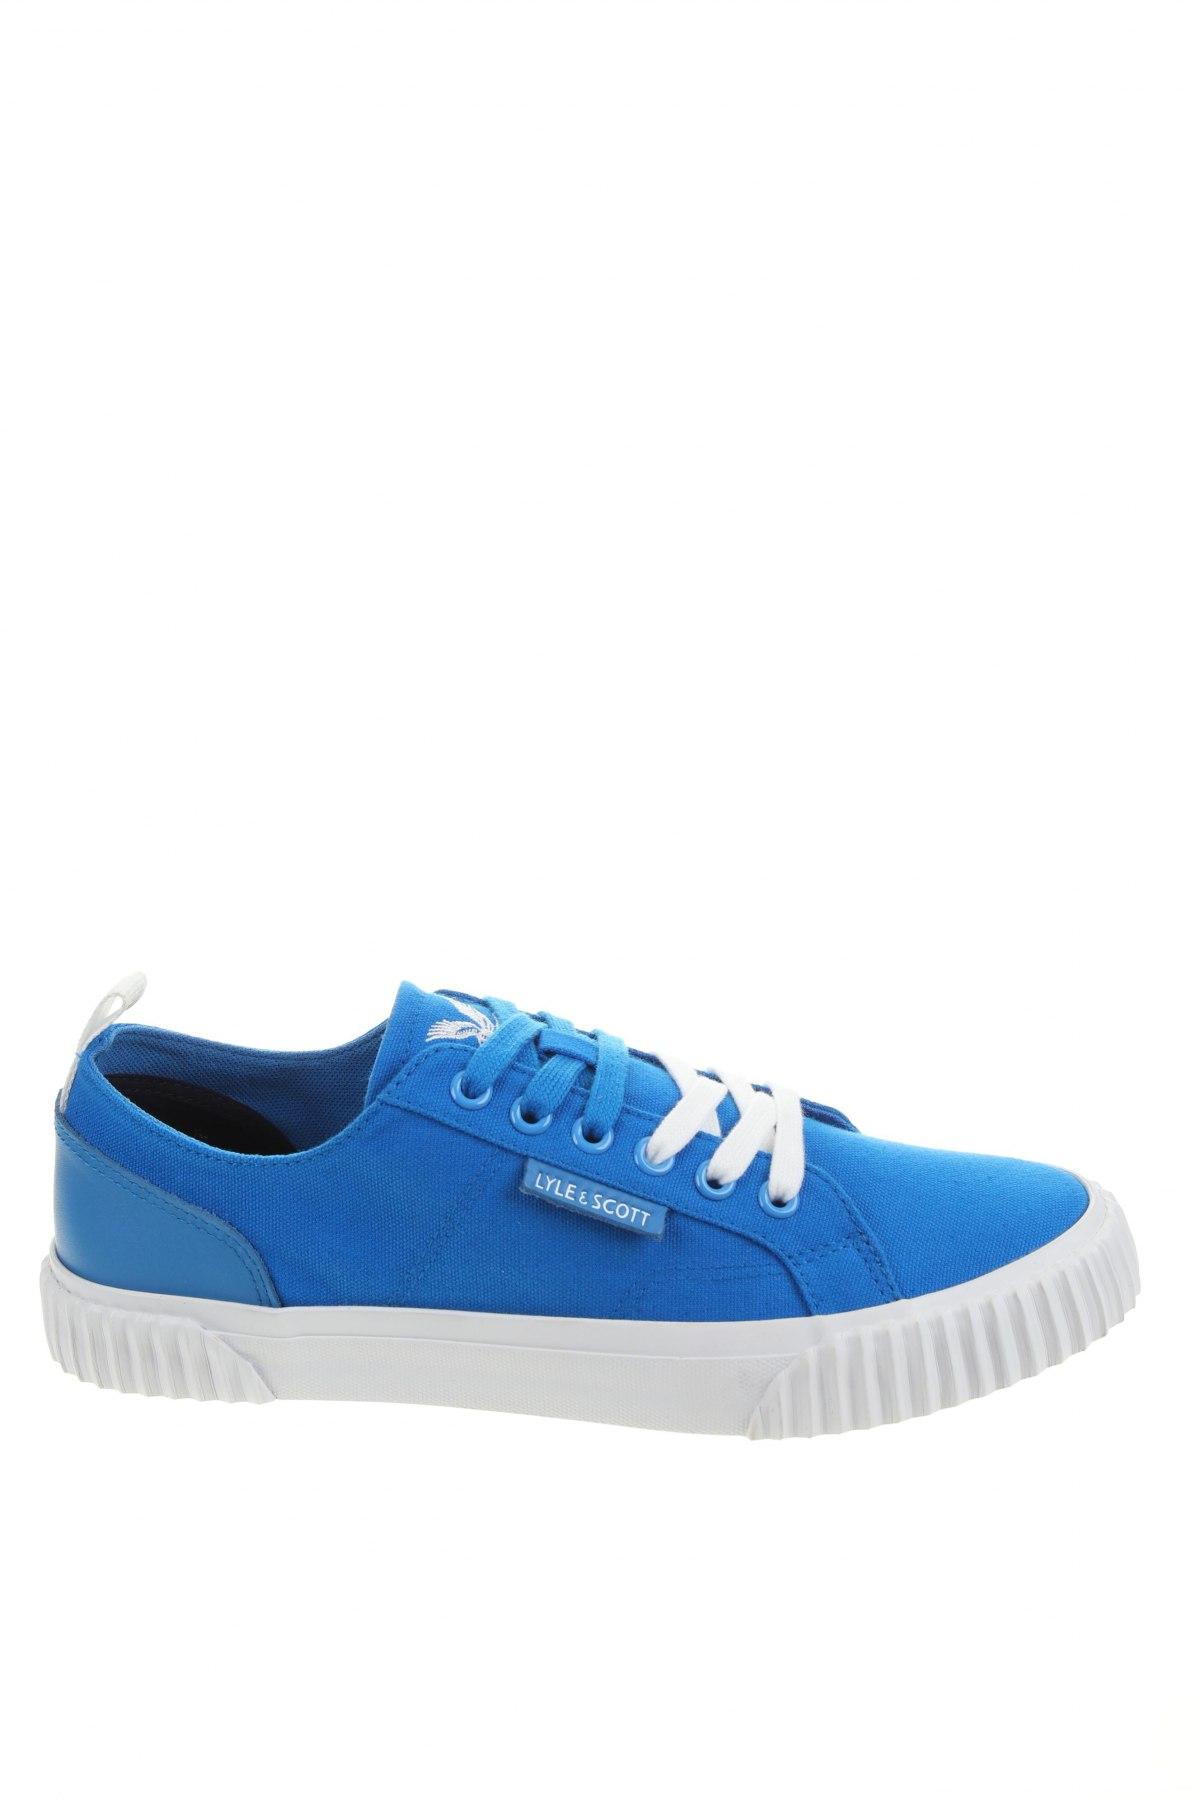 Ανδρικά παπούτσια Lyle & Scott, Μέγεθος 40, Χρώμα Μπλέ, Κλωστοϋφαντουργικά προϊόντα, γνήσιο δέρμα, Τιμή 21,50€